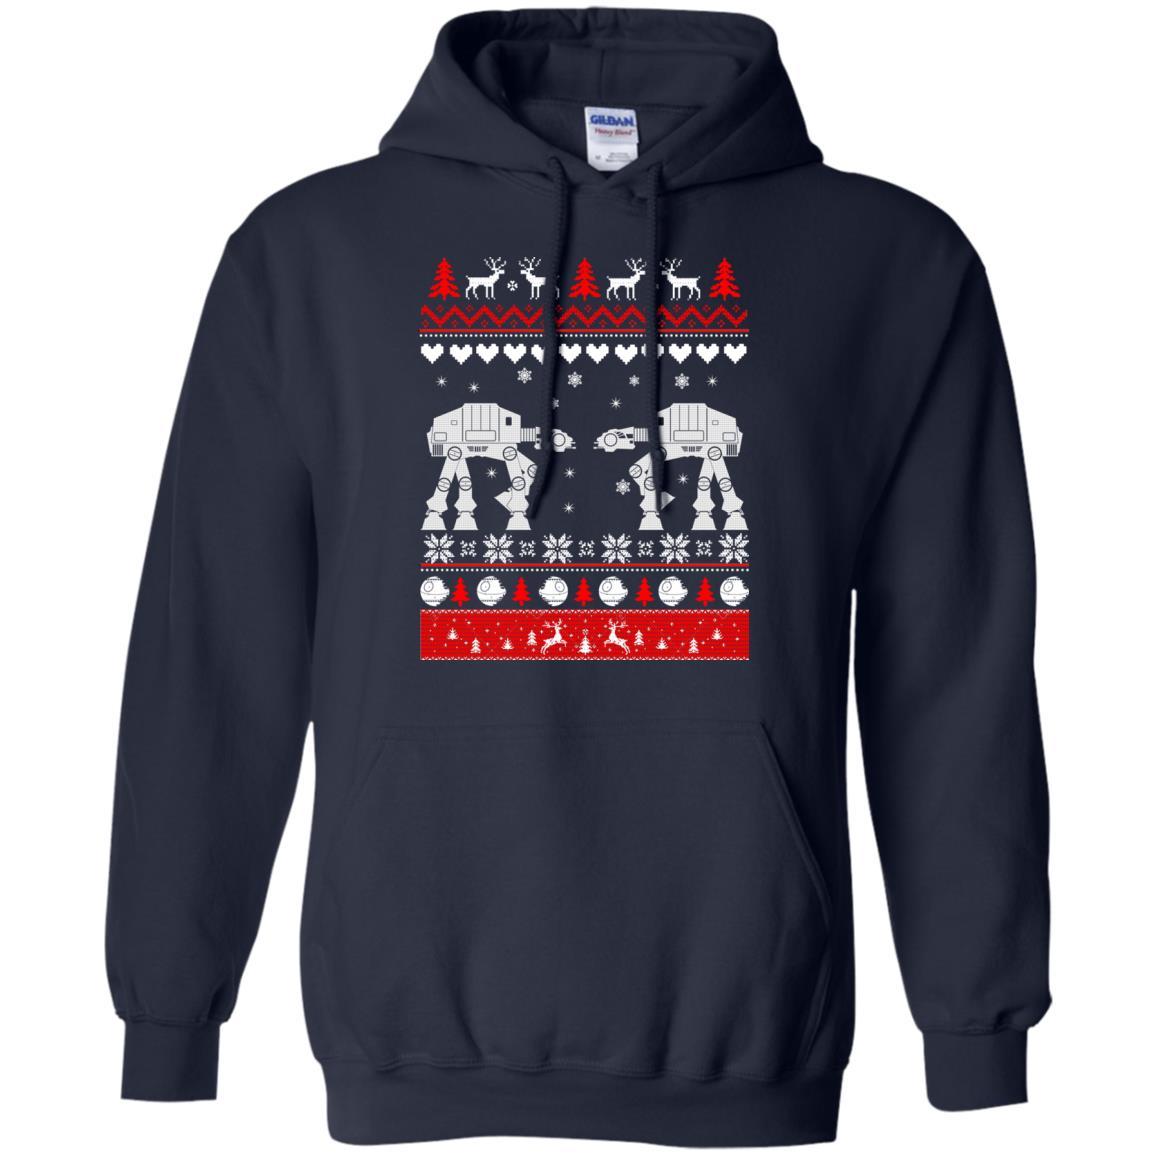 image 1739 - Star Wars AT AT Walker Christmas Sweatshirt, Hoodie